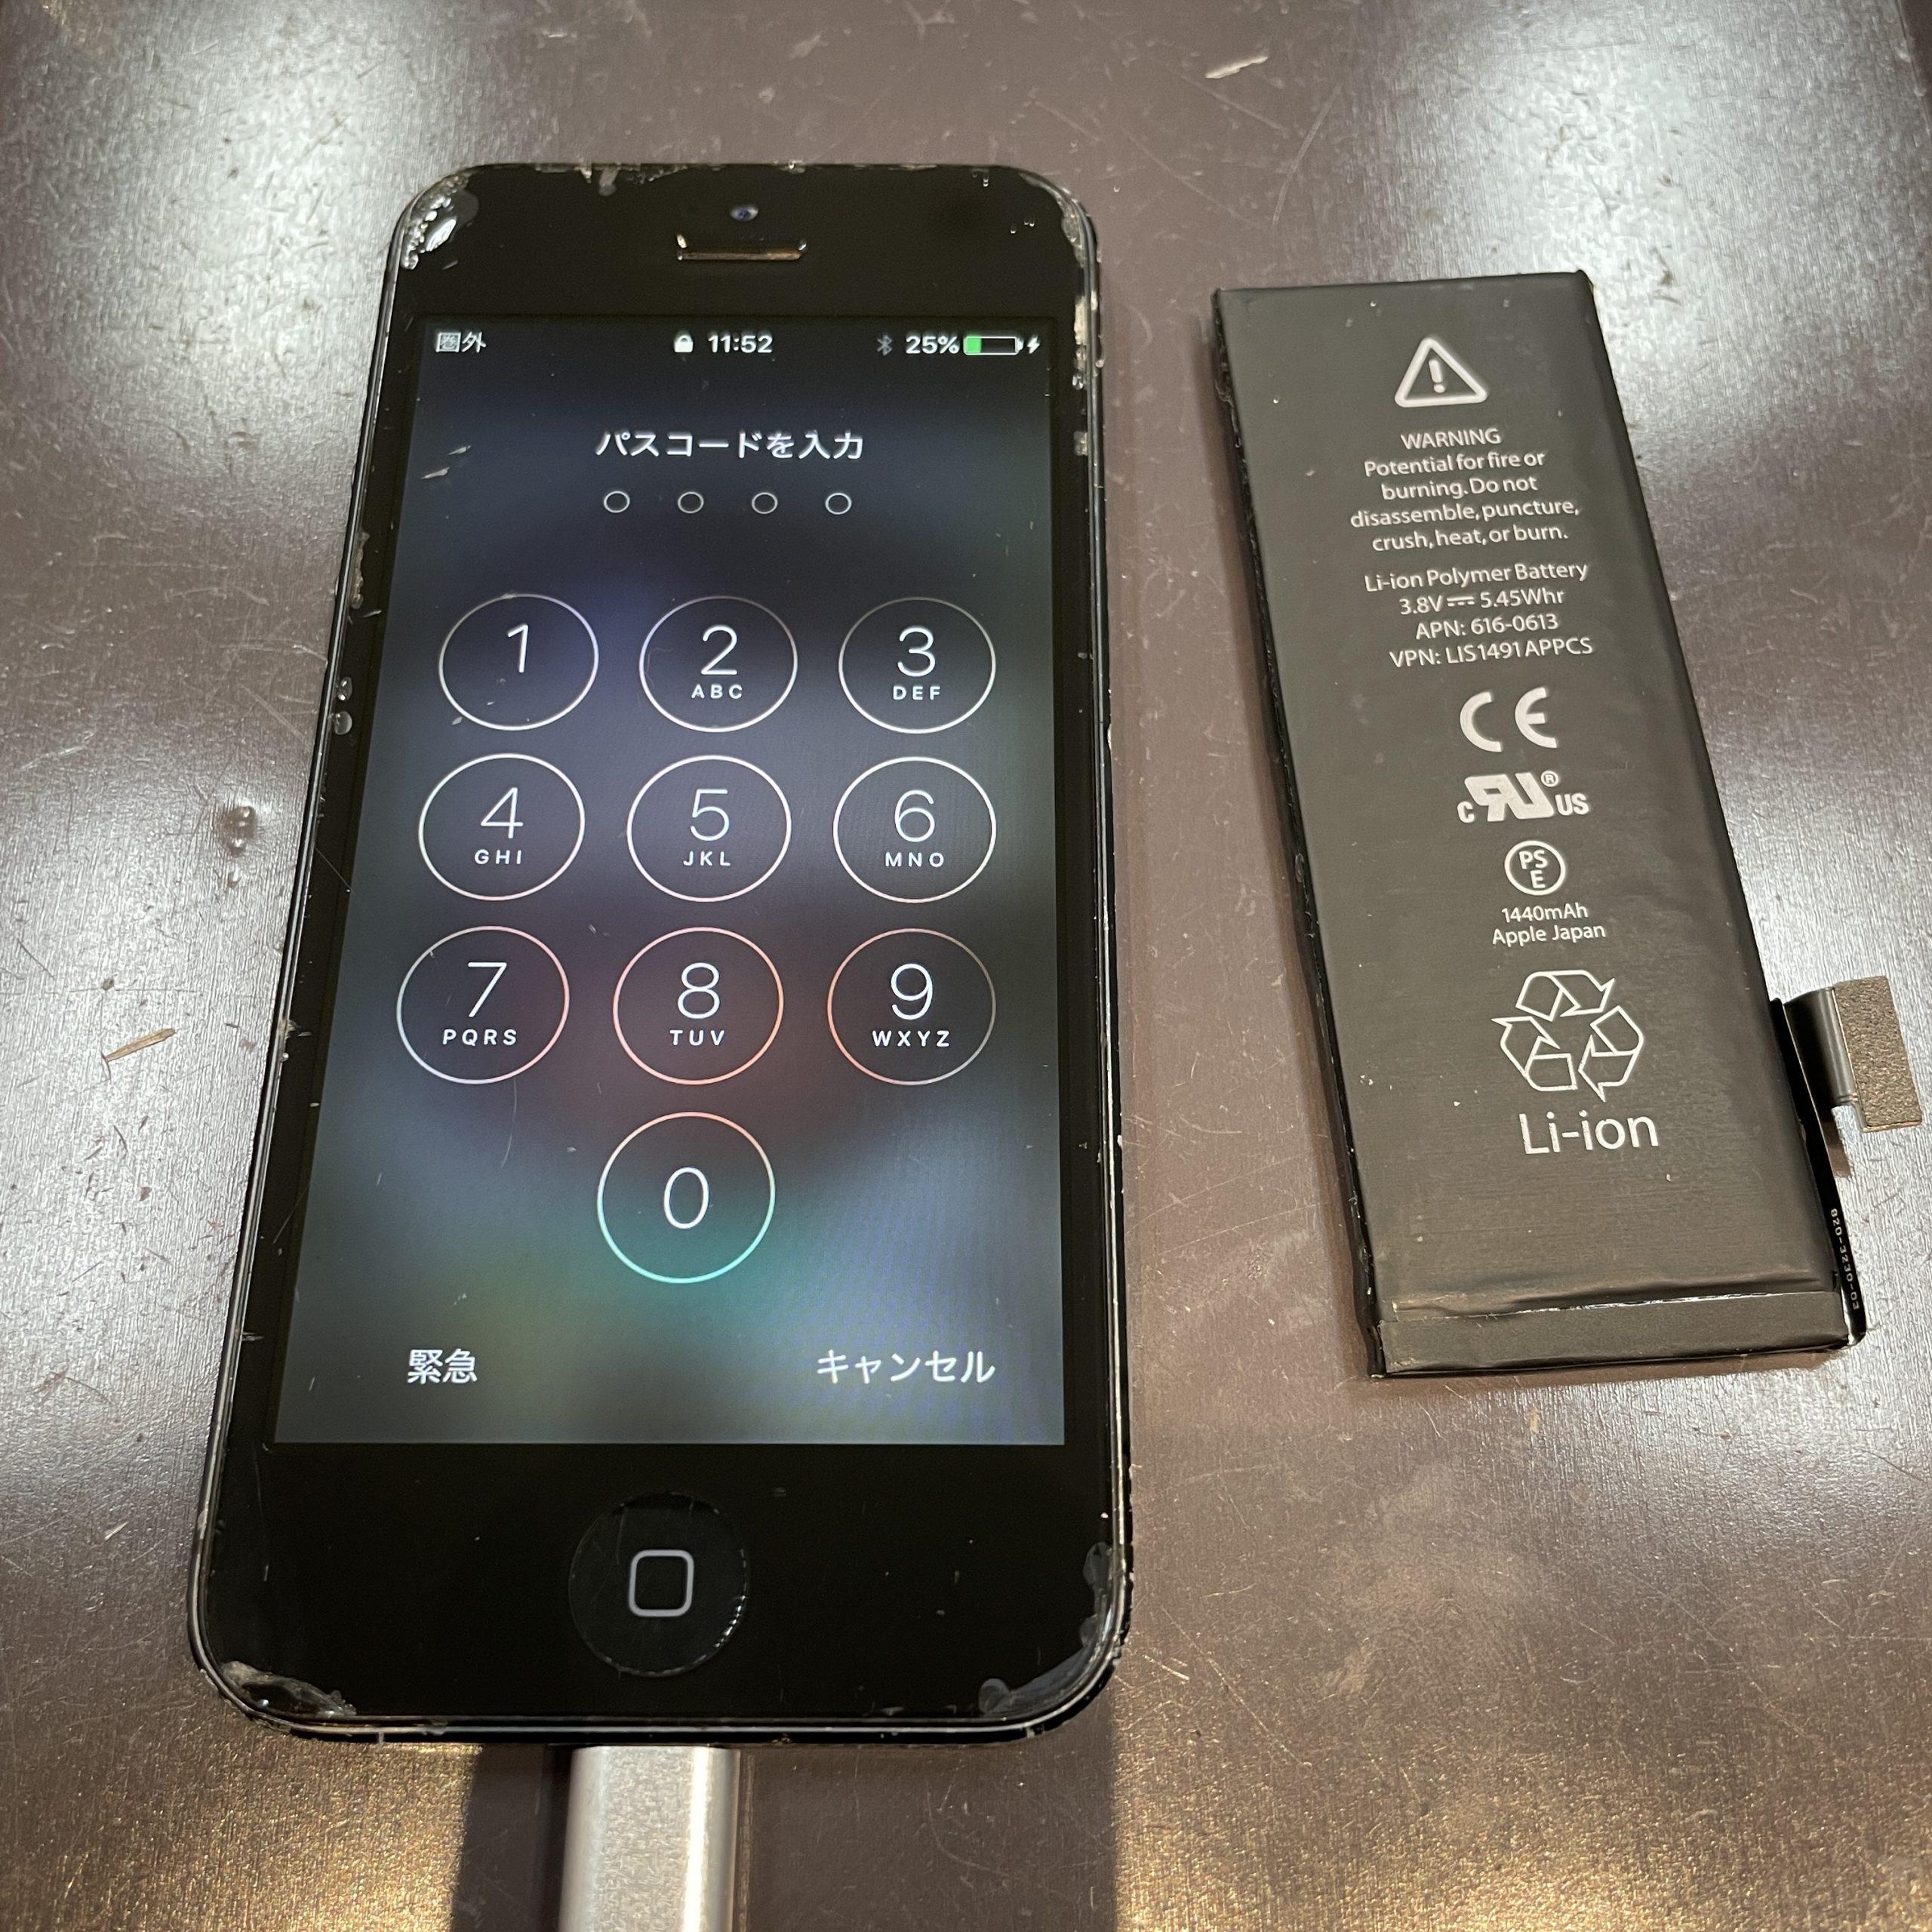 動作が鈍く充電の減りが早い💦【iPhone5|鳥栖市よりご来店】